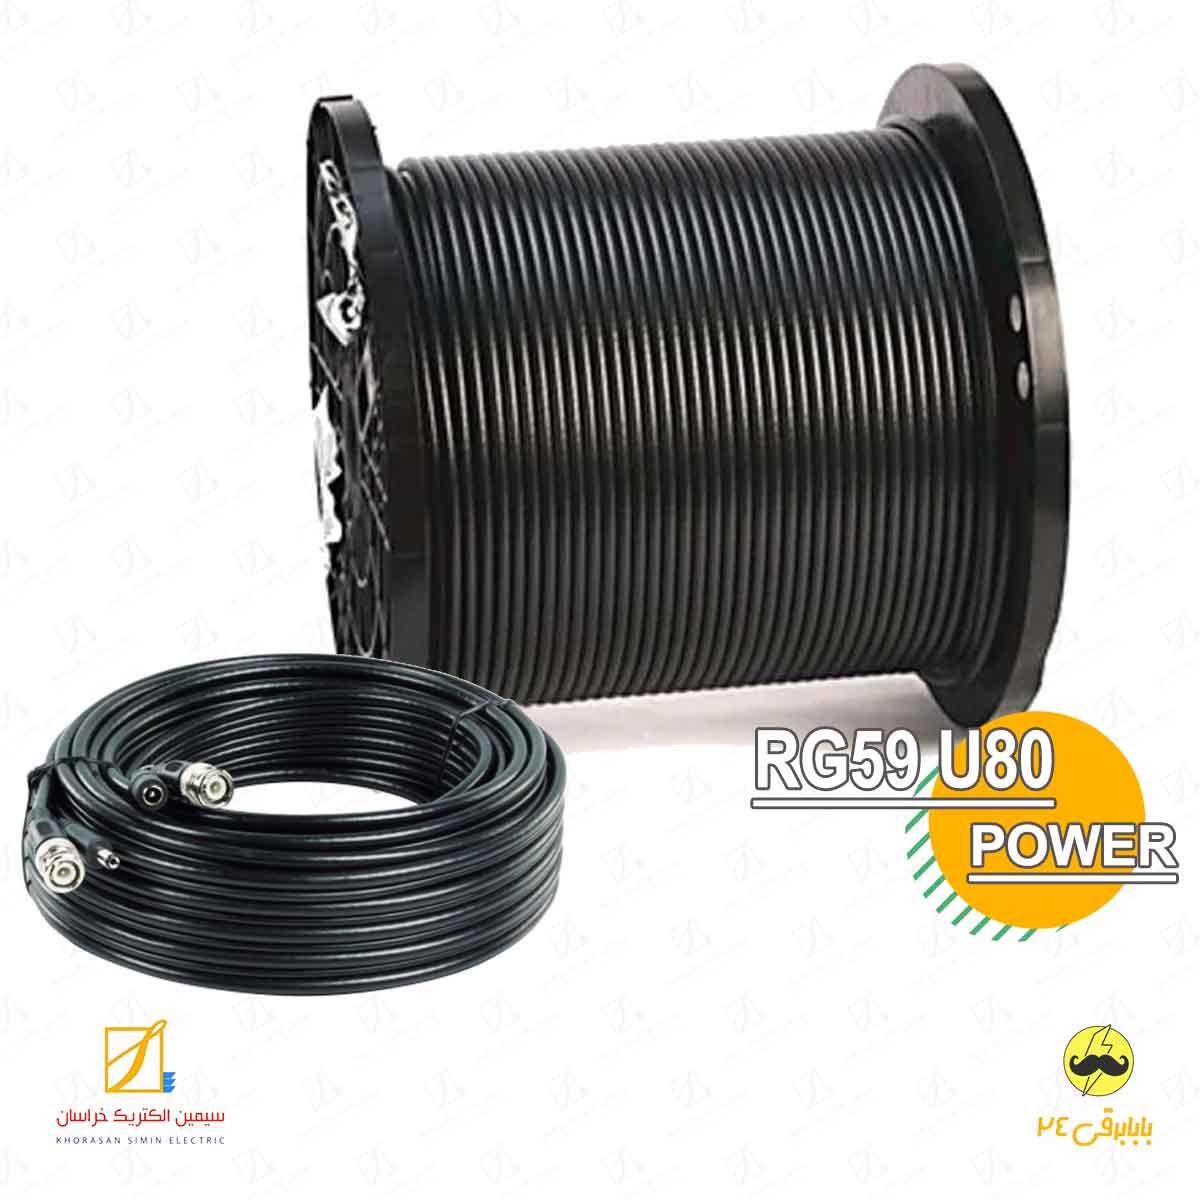 RG59U80-POWER